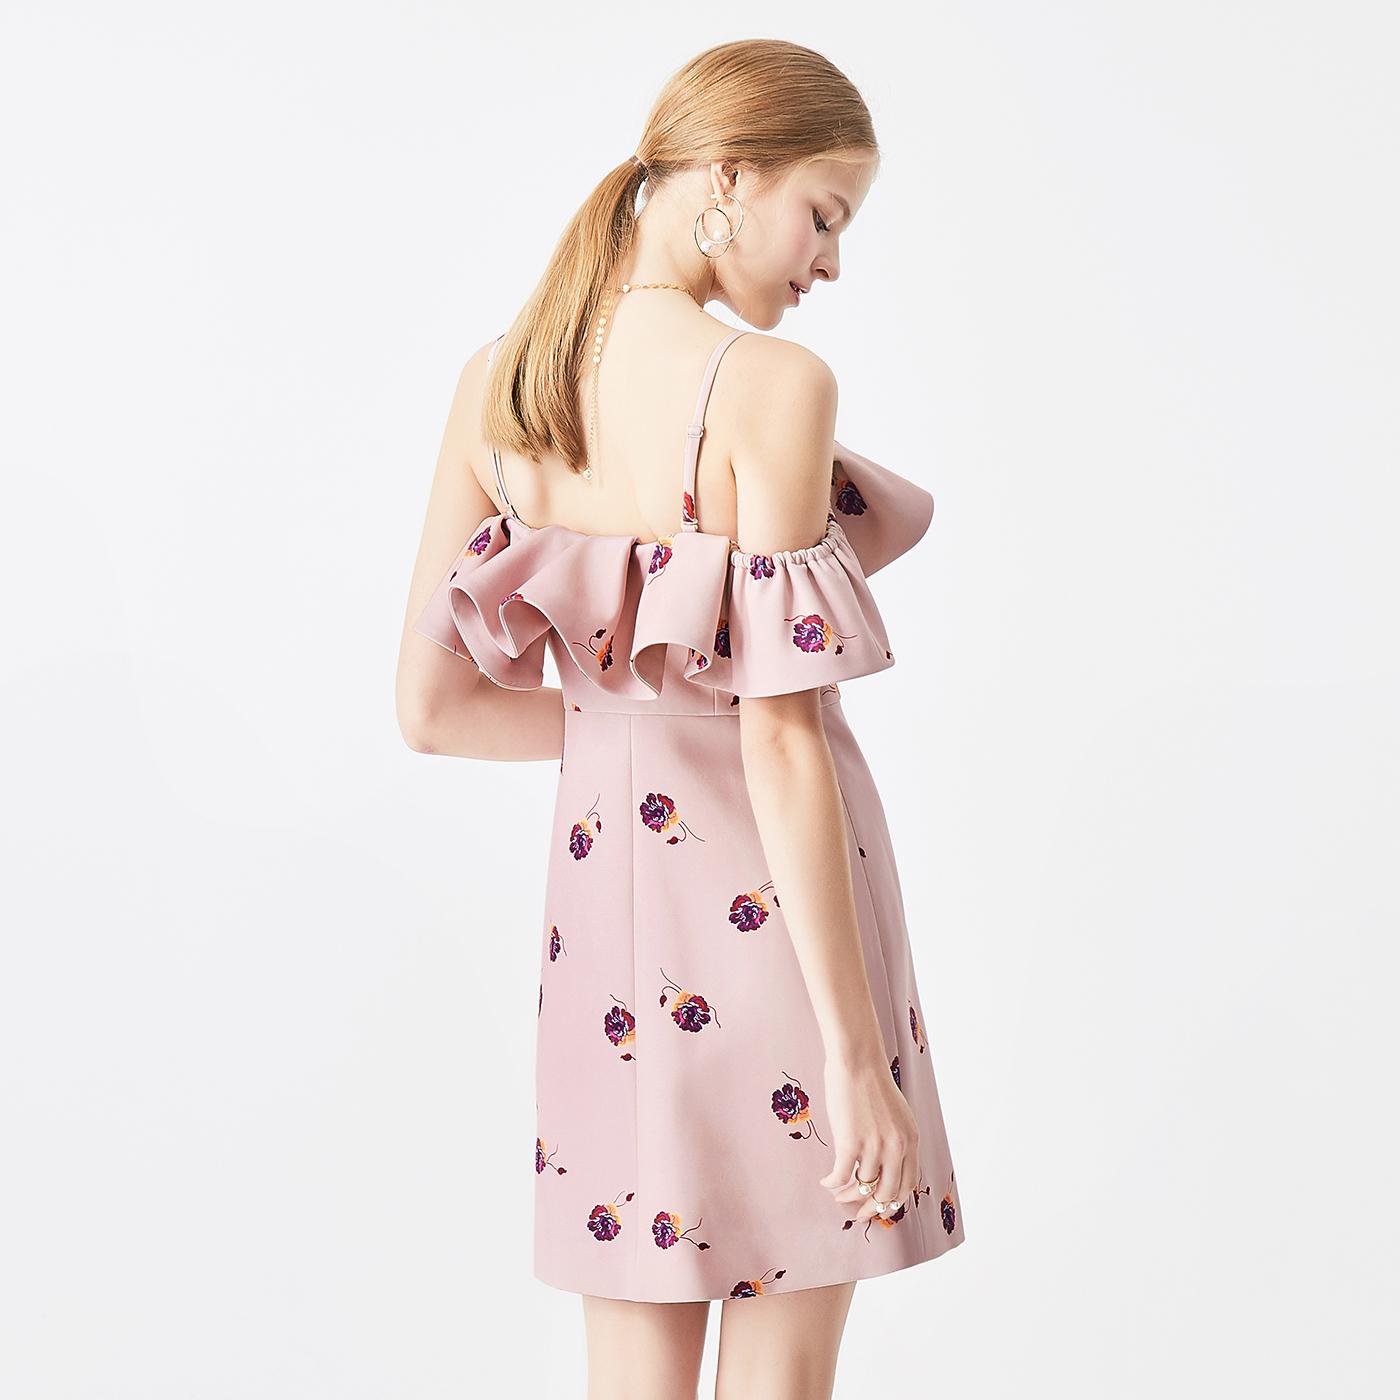 【打折】糖力2018夏装新款粉色欧美印花一字肩荷叶边吊带连衣裙女